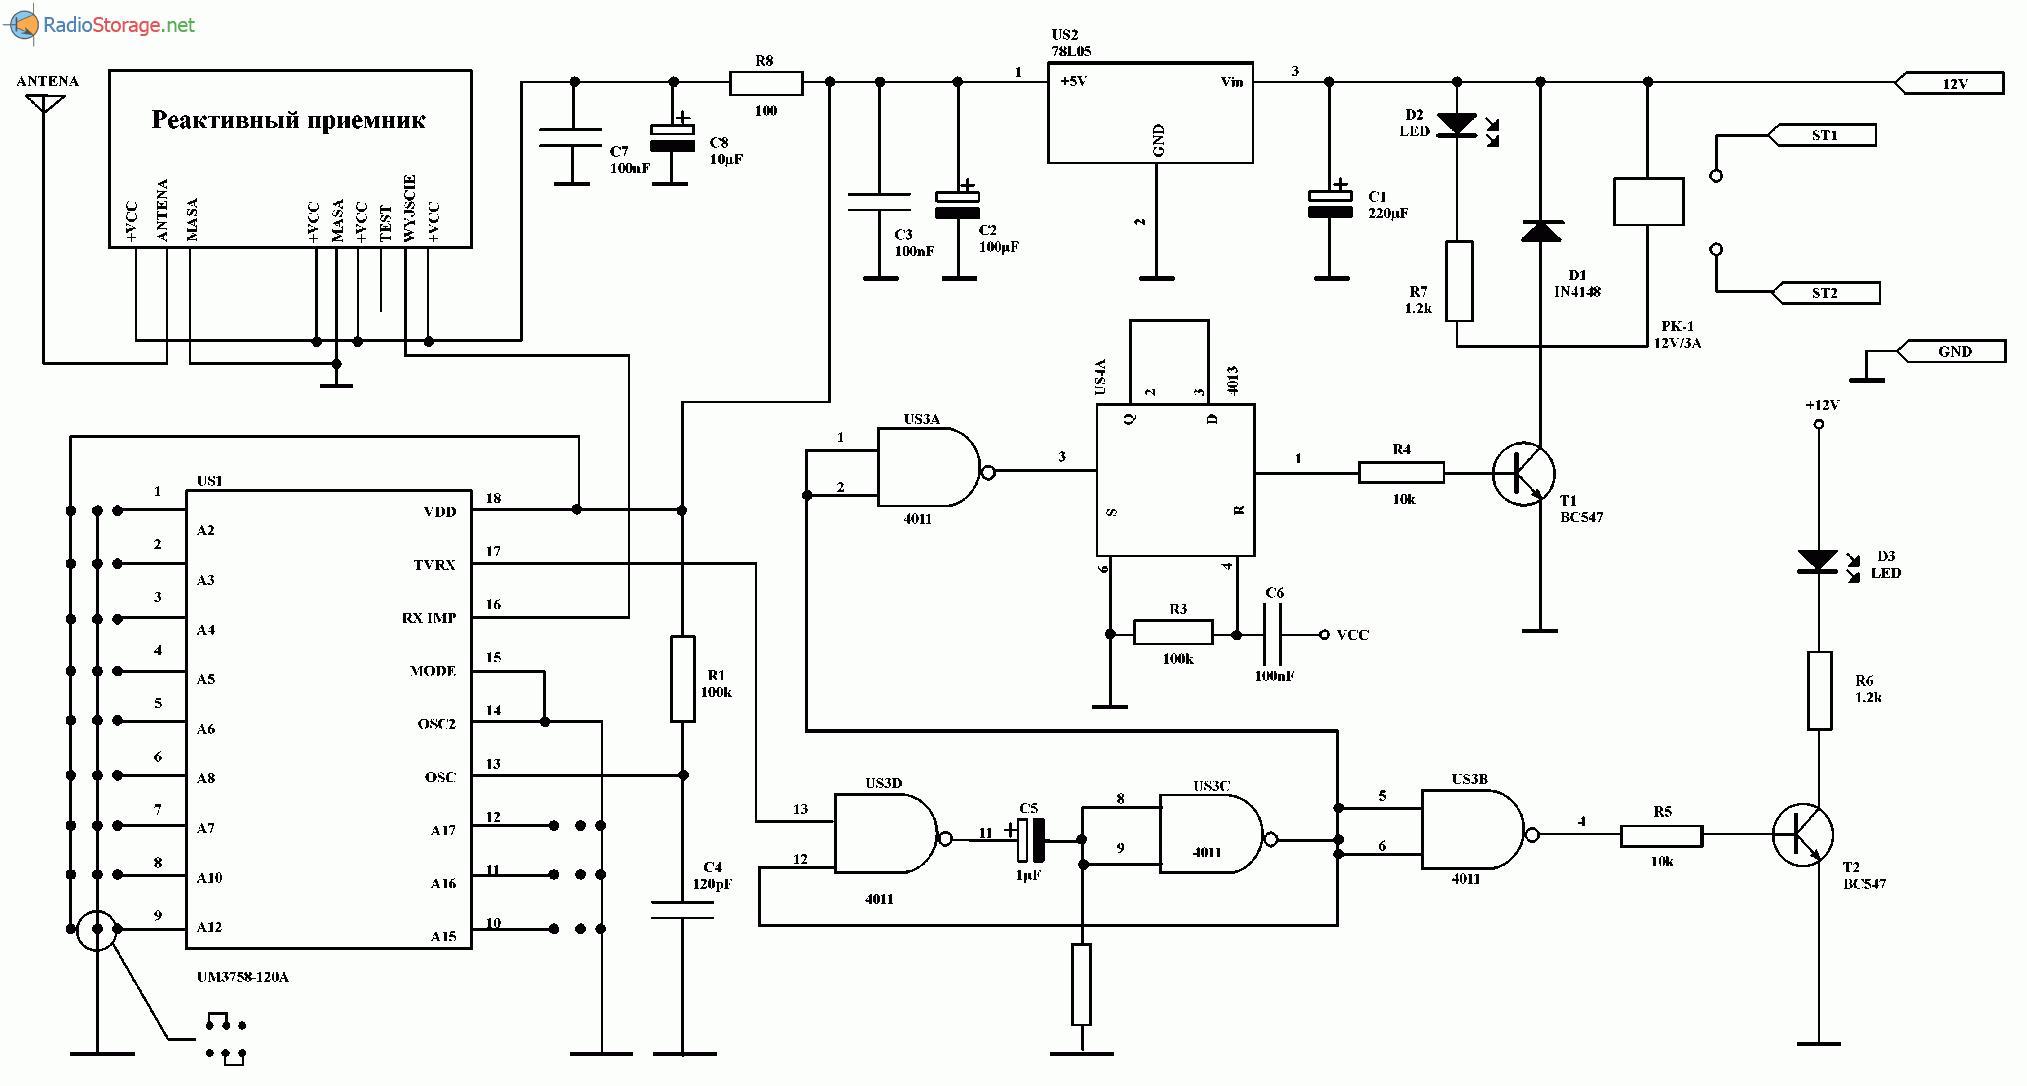 Система дистанционного радиоуправления на UM3758-130A, схема